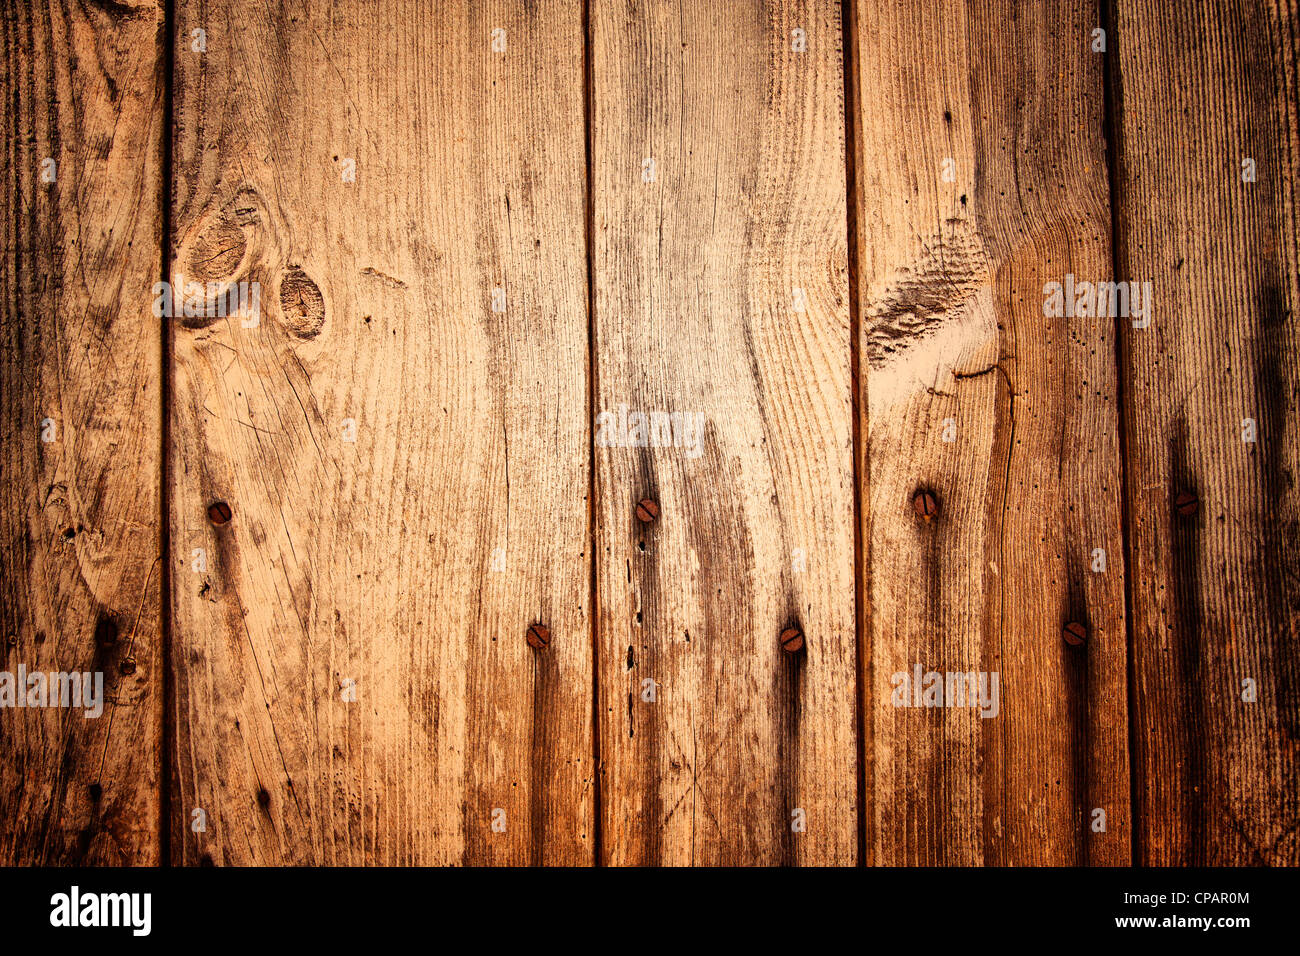 Alte hölzerne Planken und Nägeln Stockbild